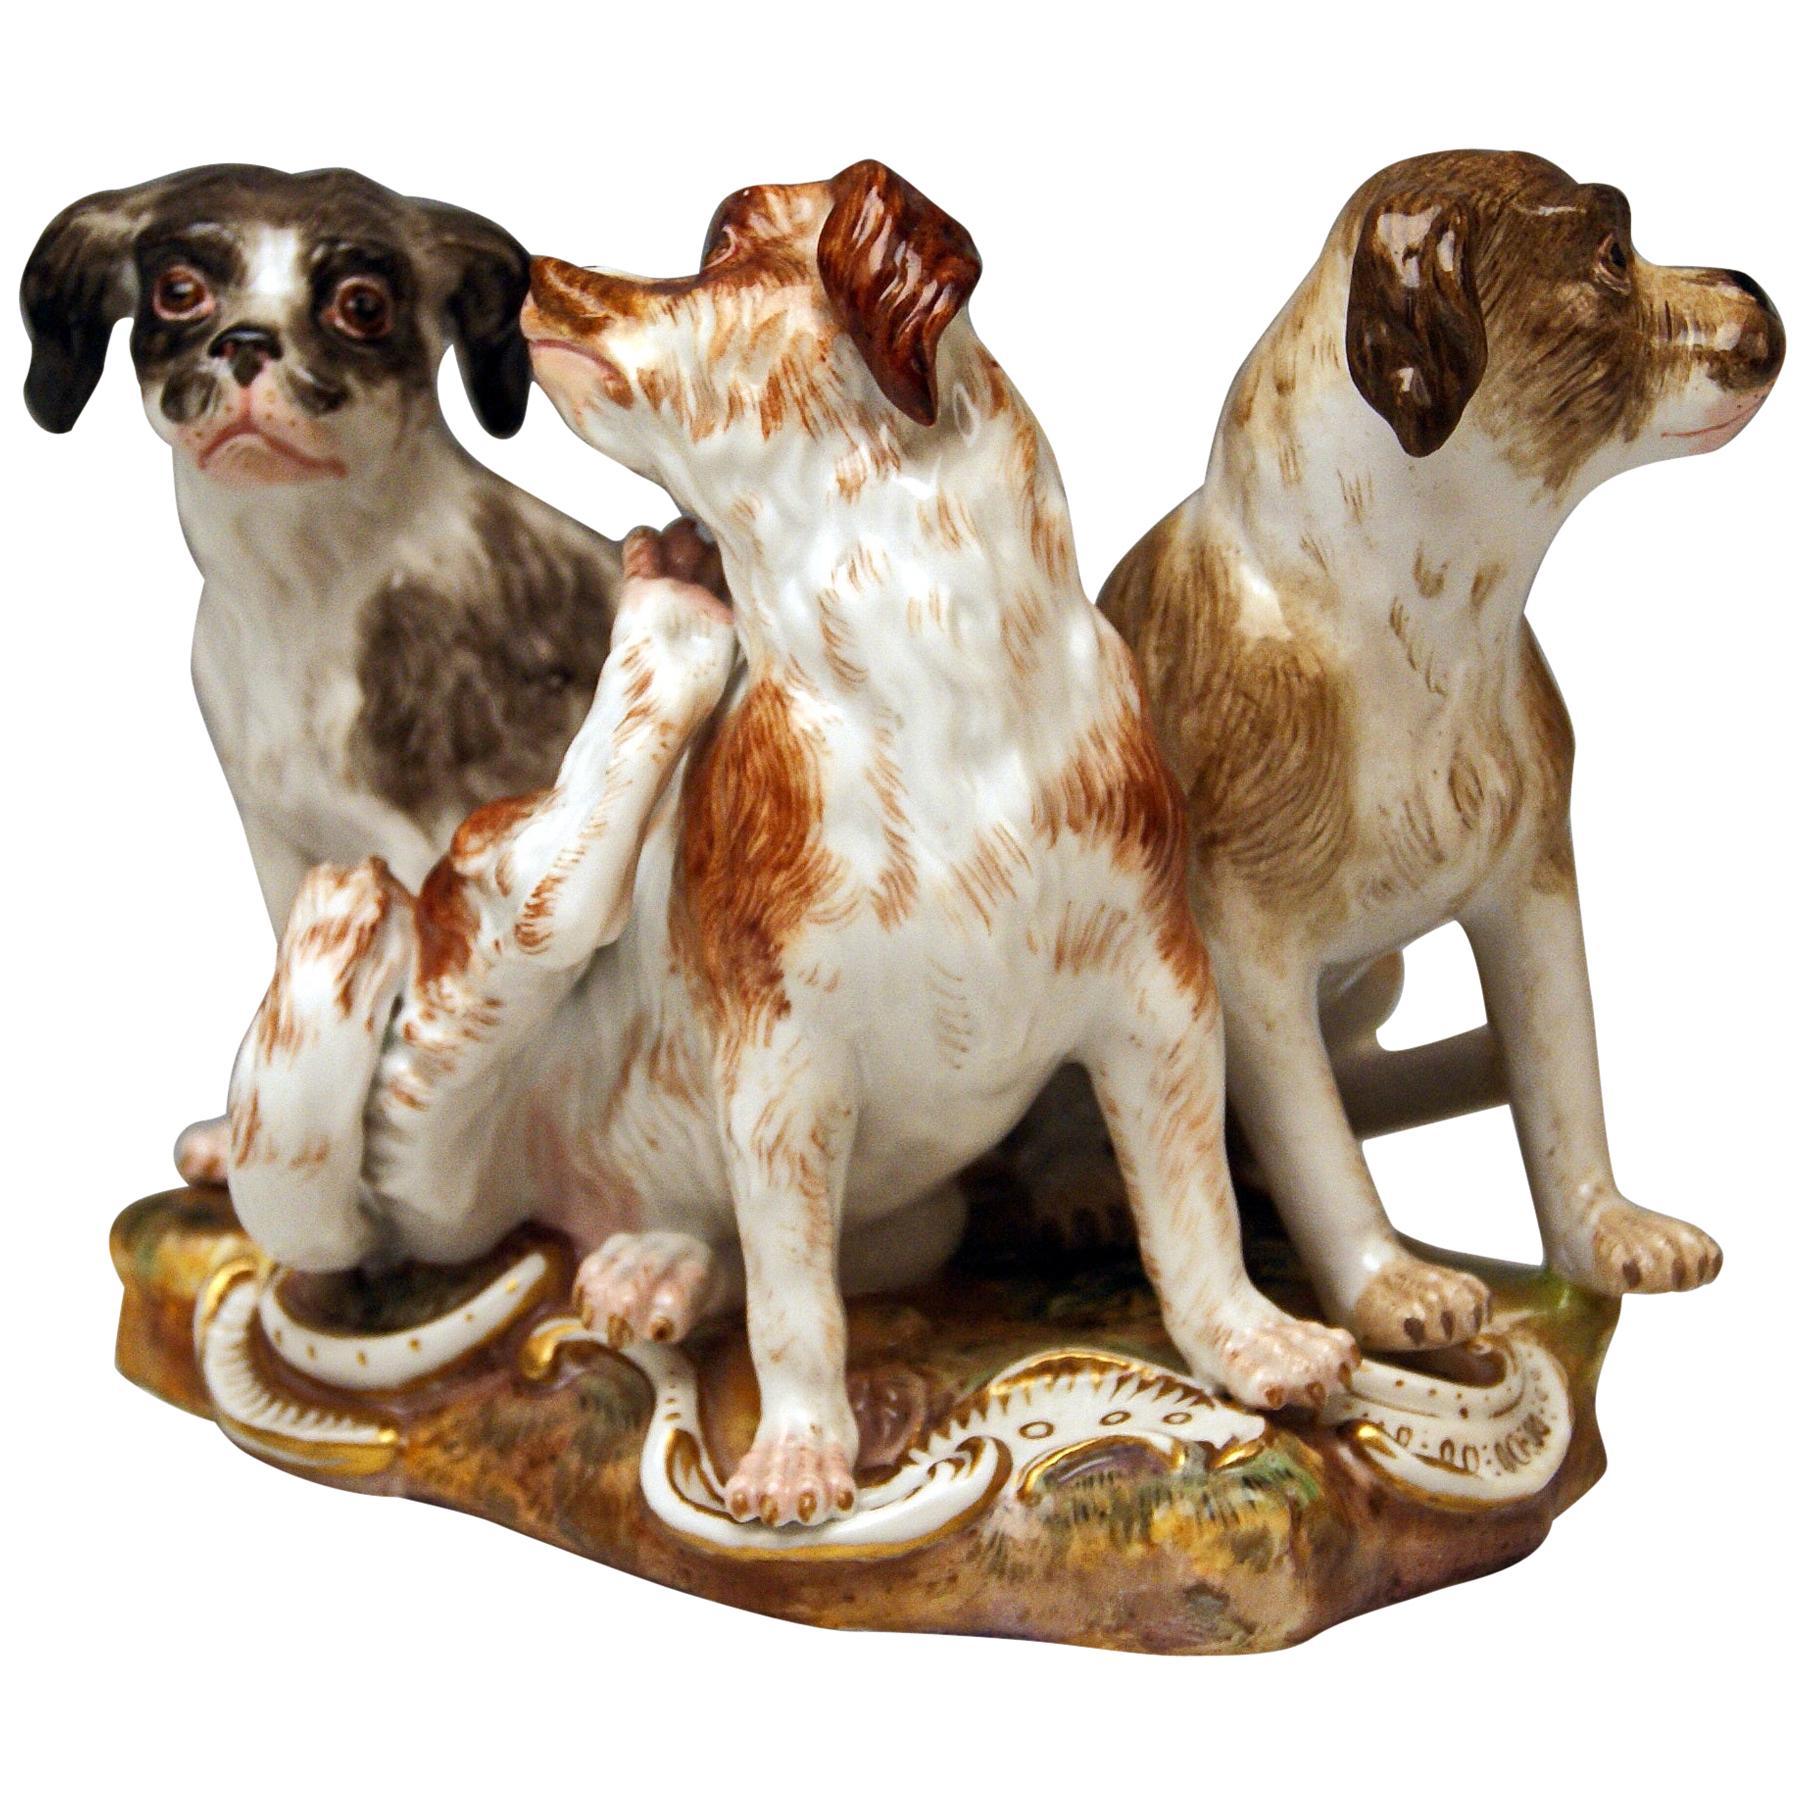 Meissen Group of Three Dogs Model 2104 by Johann Joachim Kaendler